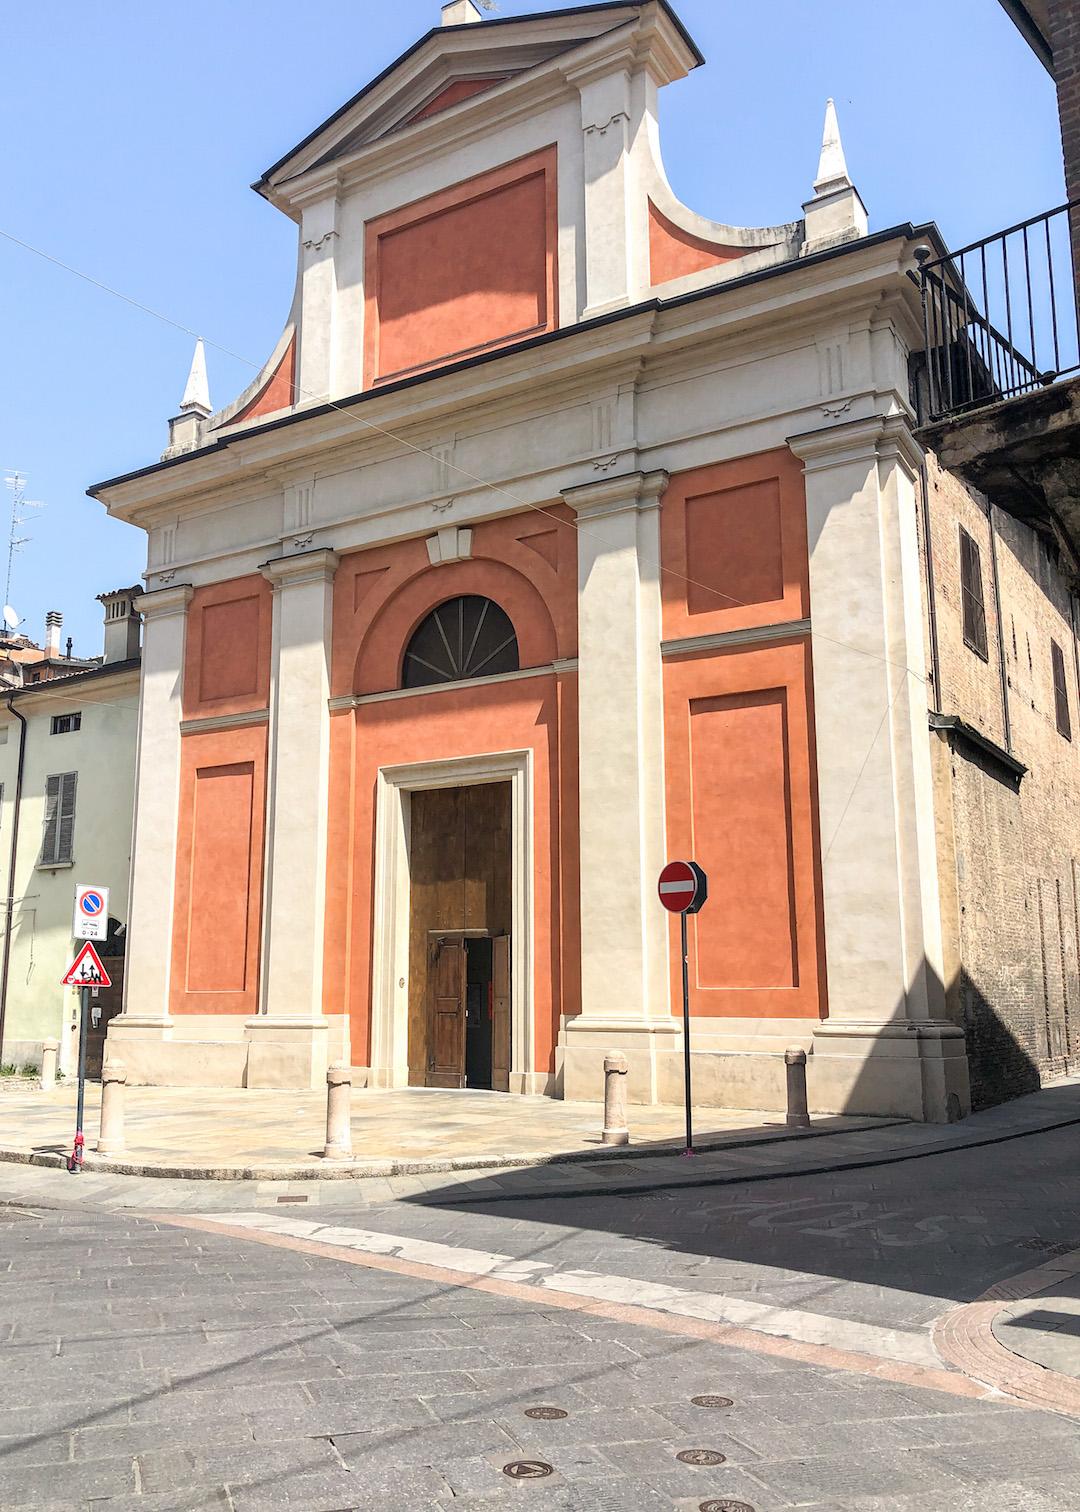 Colorful Streets of Reggio Emilia